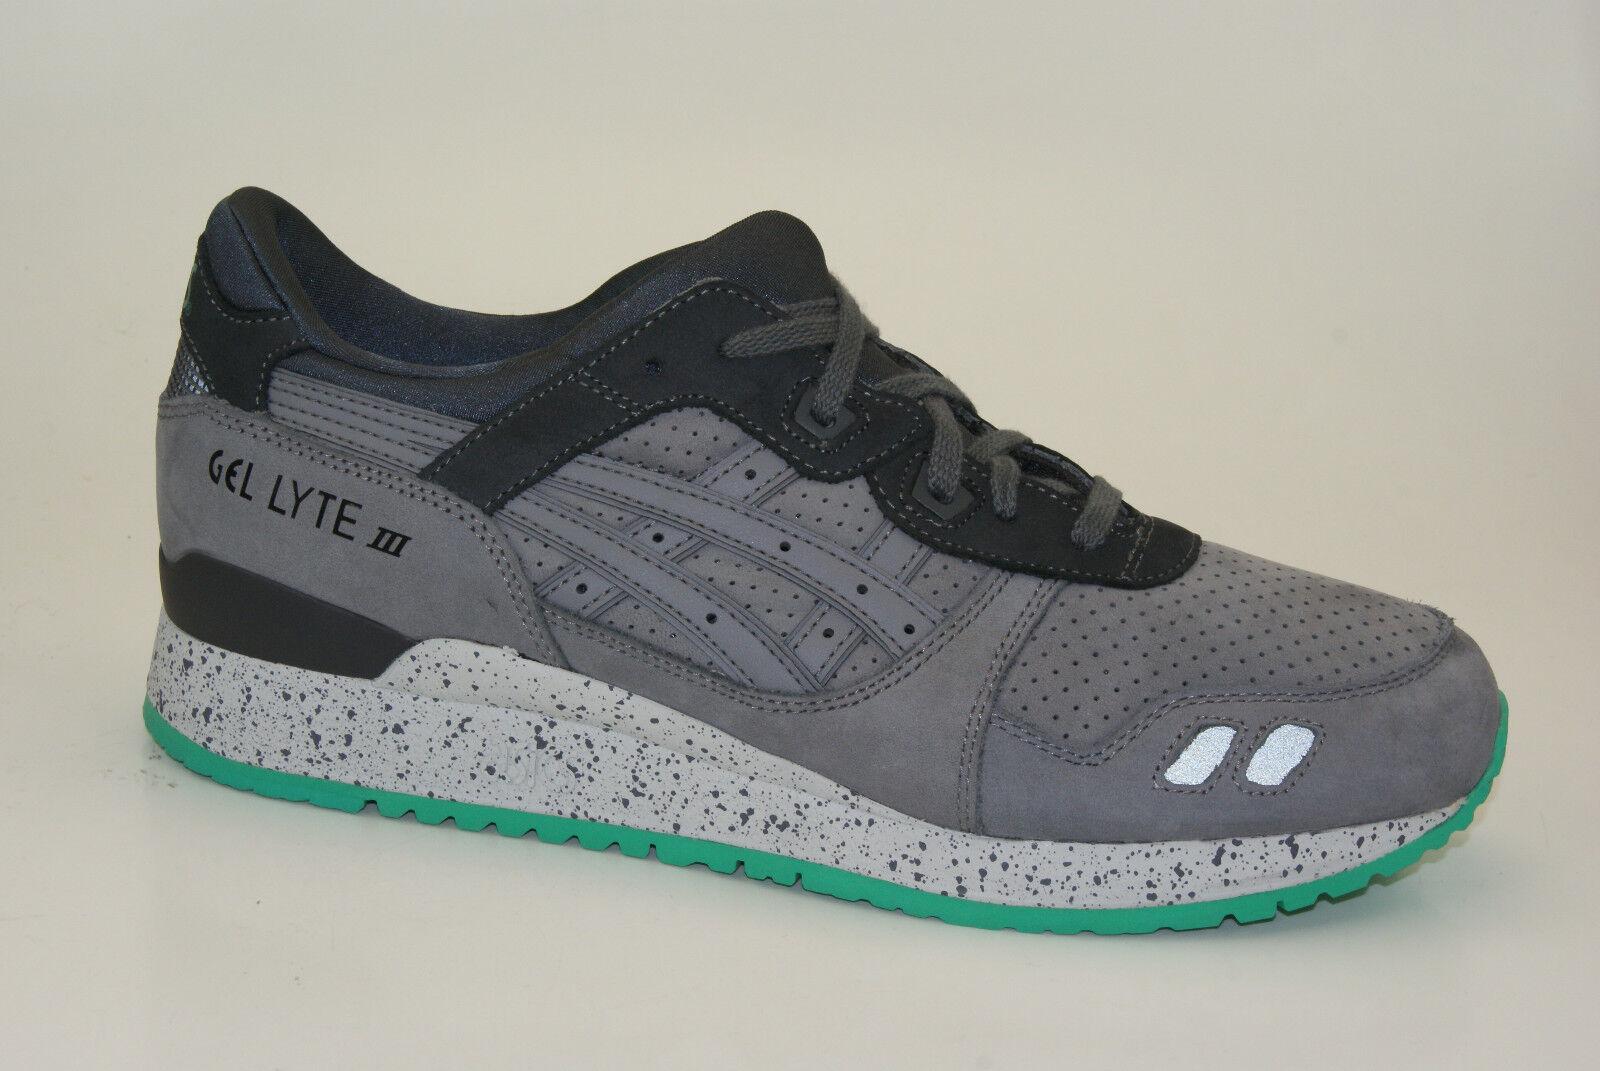 Asics Gel-Lyte III 3 Premium Nubuck Turnschuhe Sneakers Herren Damen H547L-1111